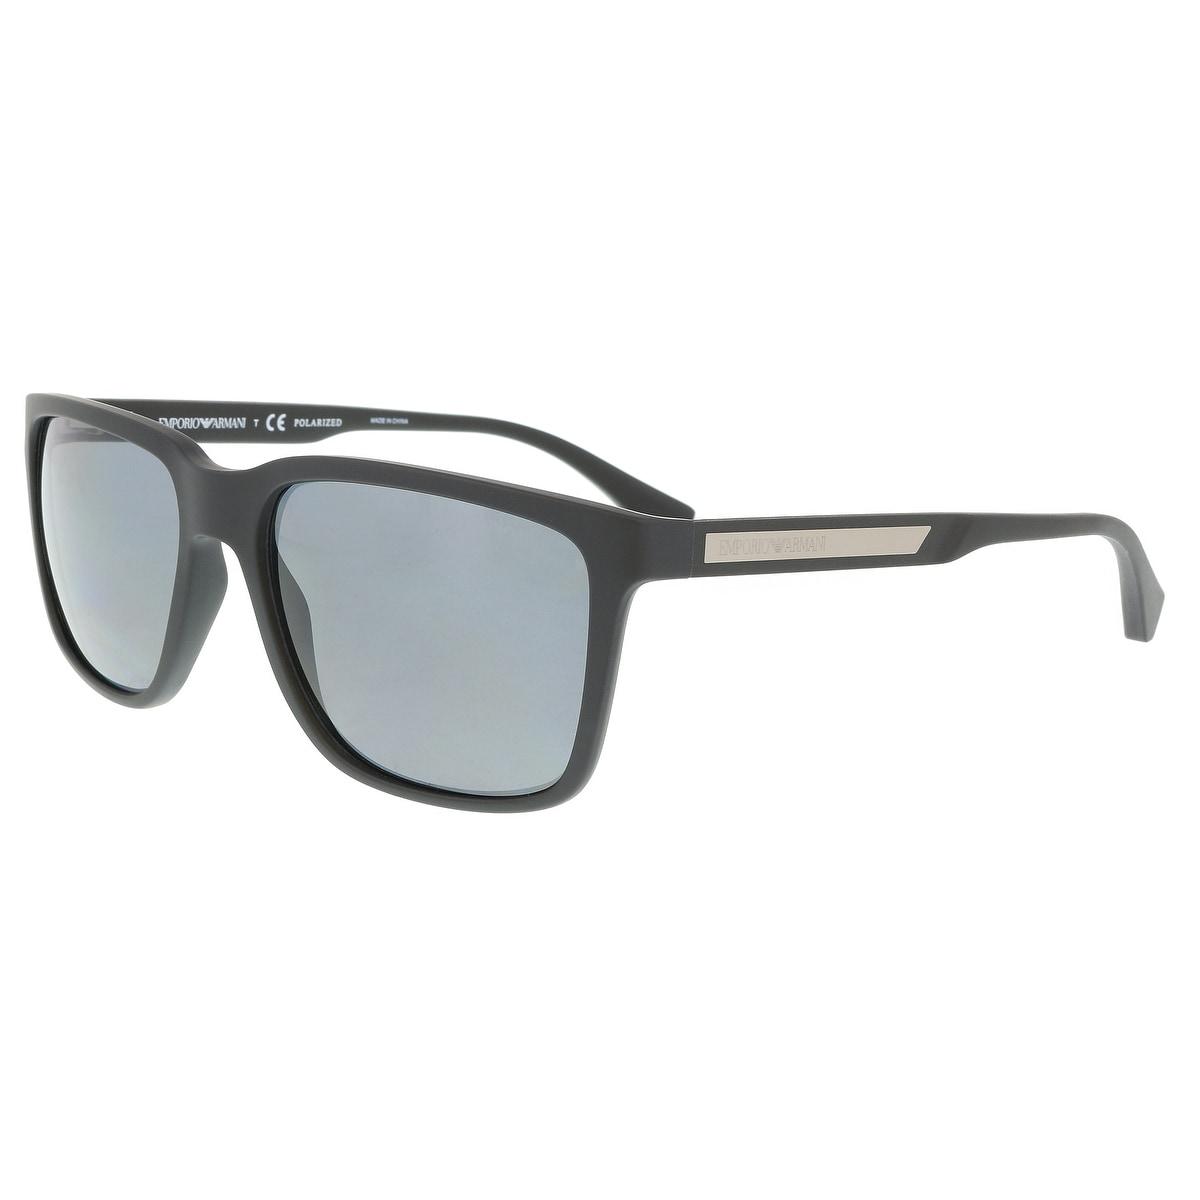 046bc0bd74 Emporio Armani Sunglasses